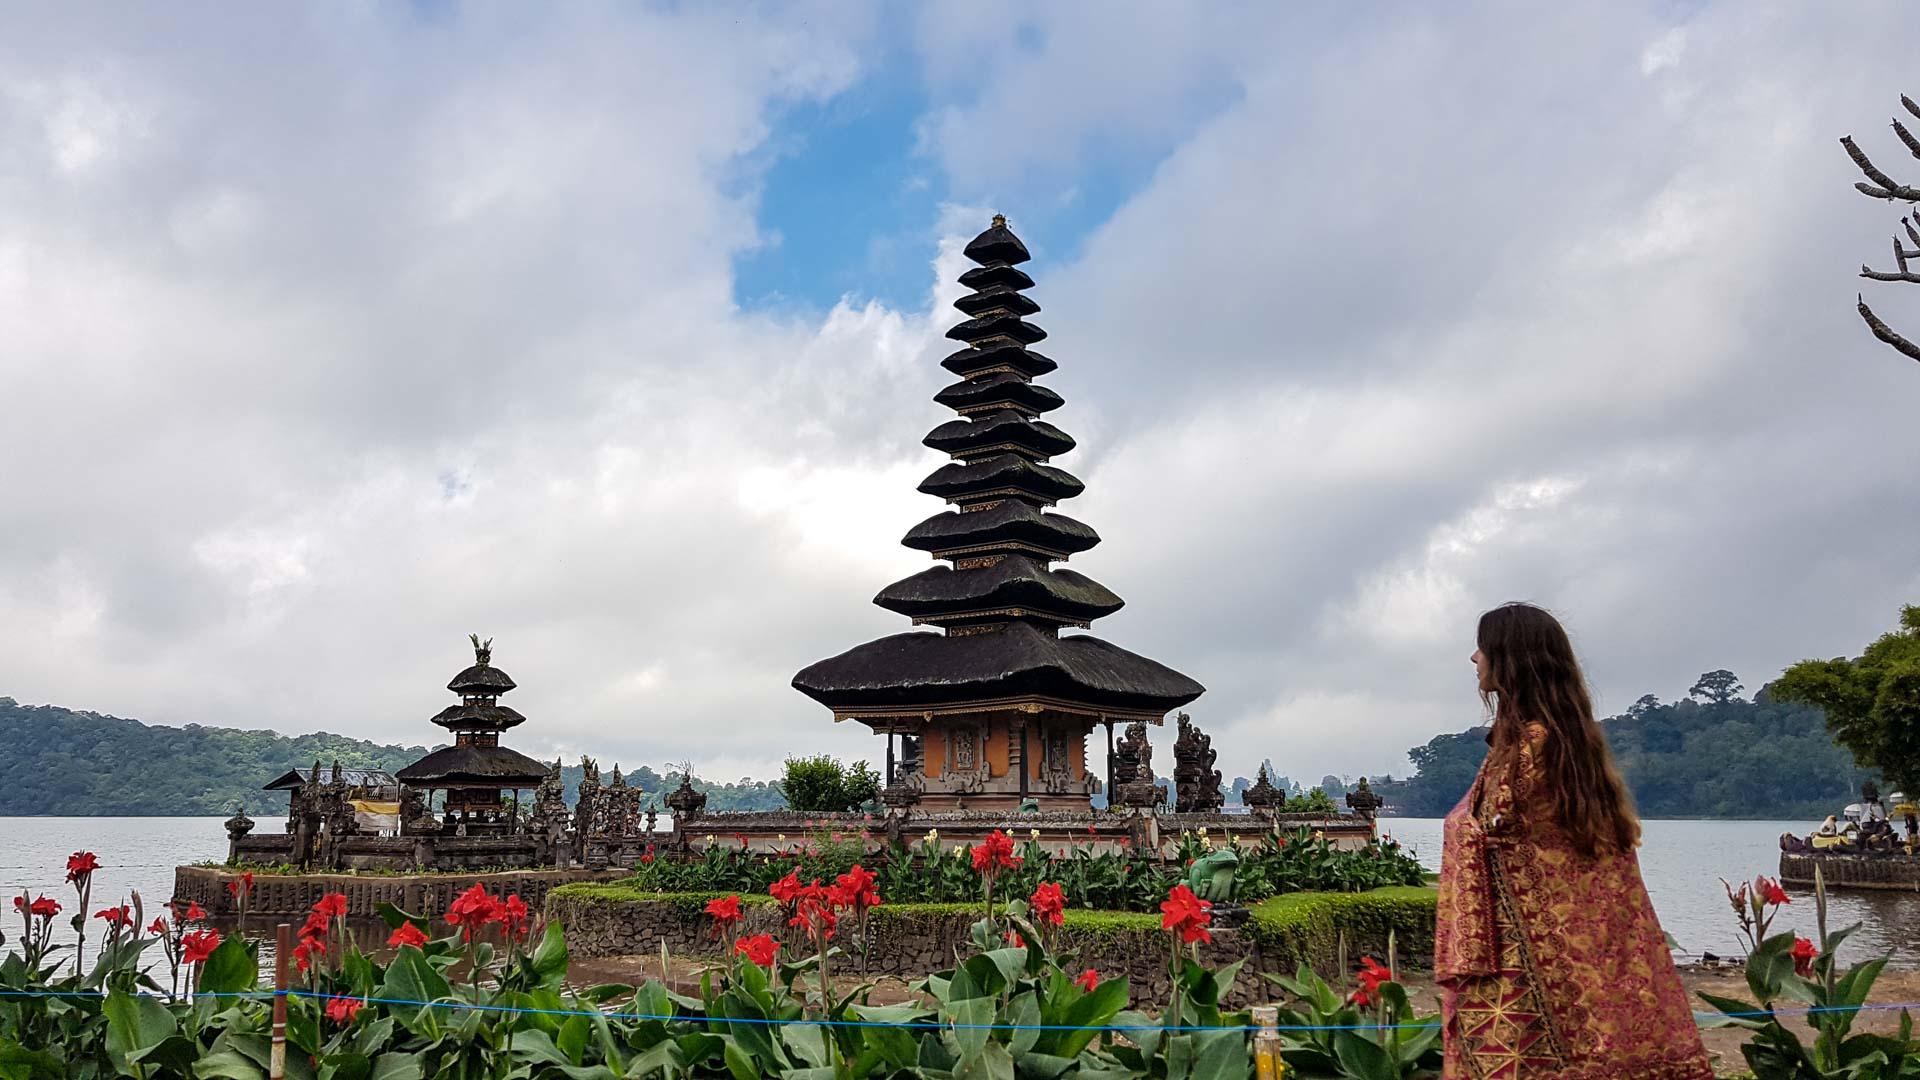 Templo Ulun Danu Bratan, Bali, Indonesia